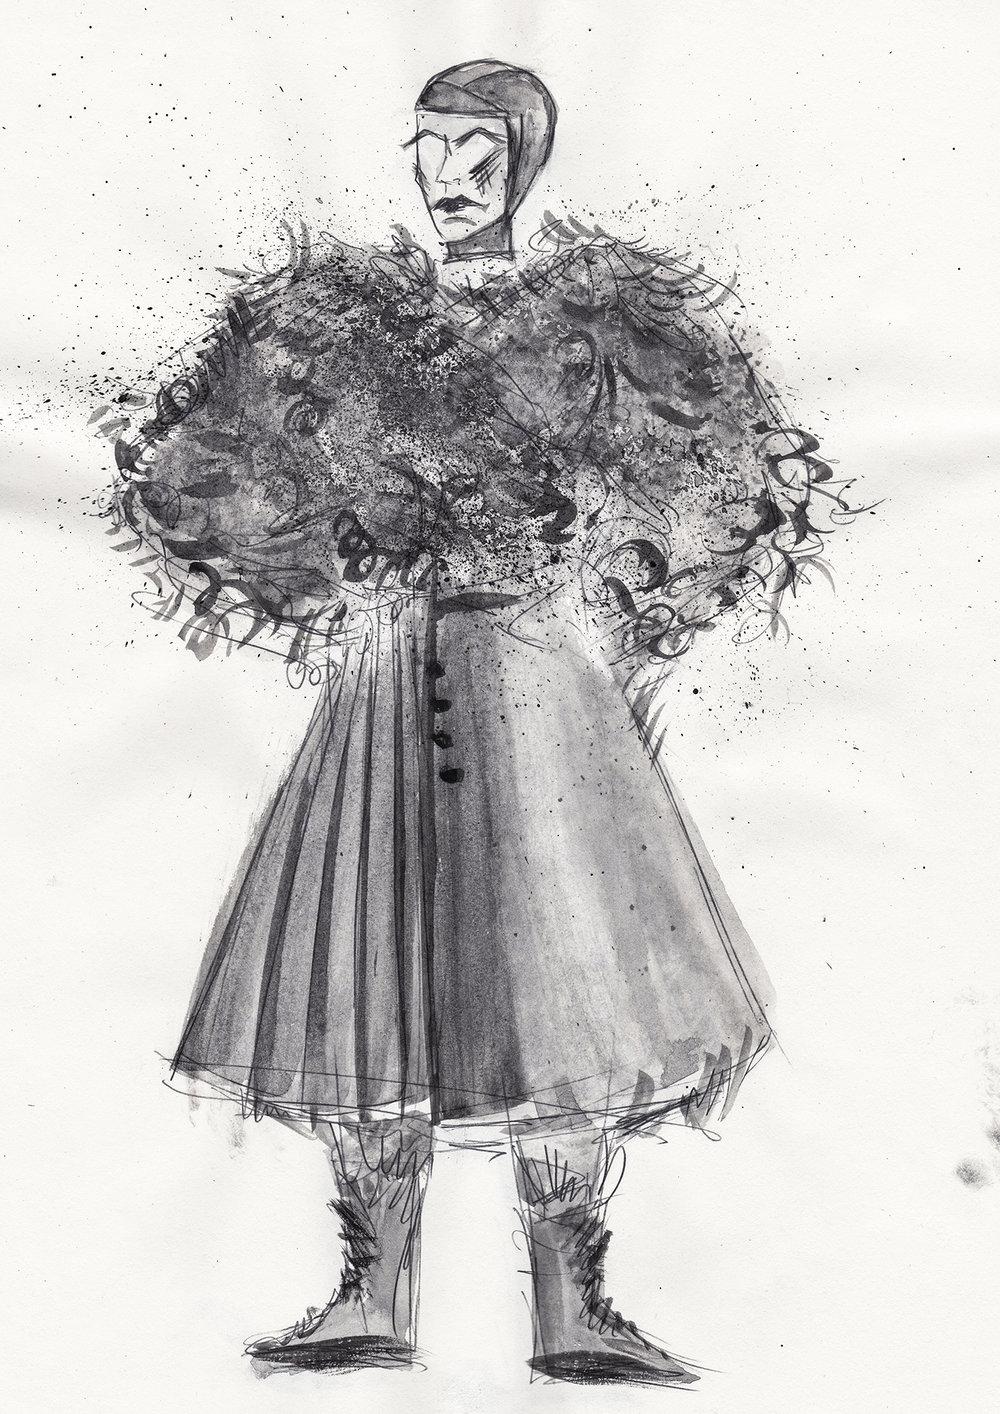 Macbeth /1/ - Costume design